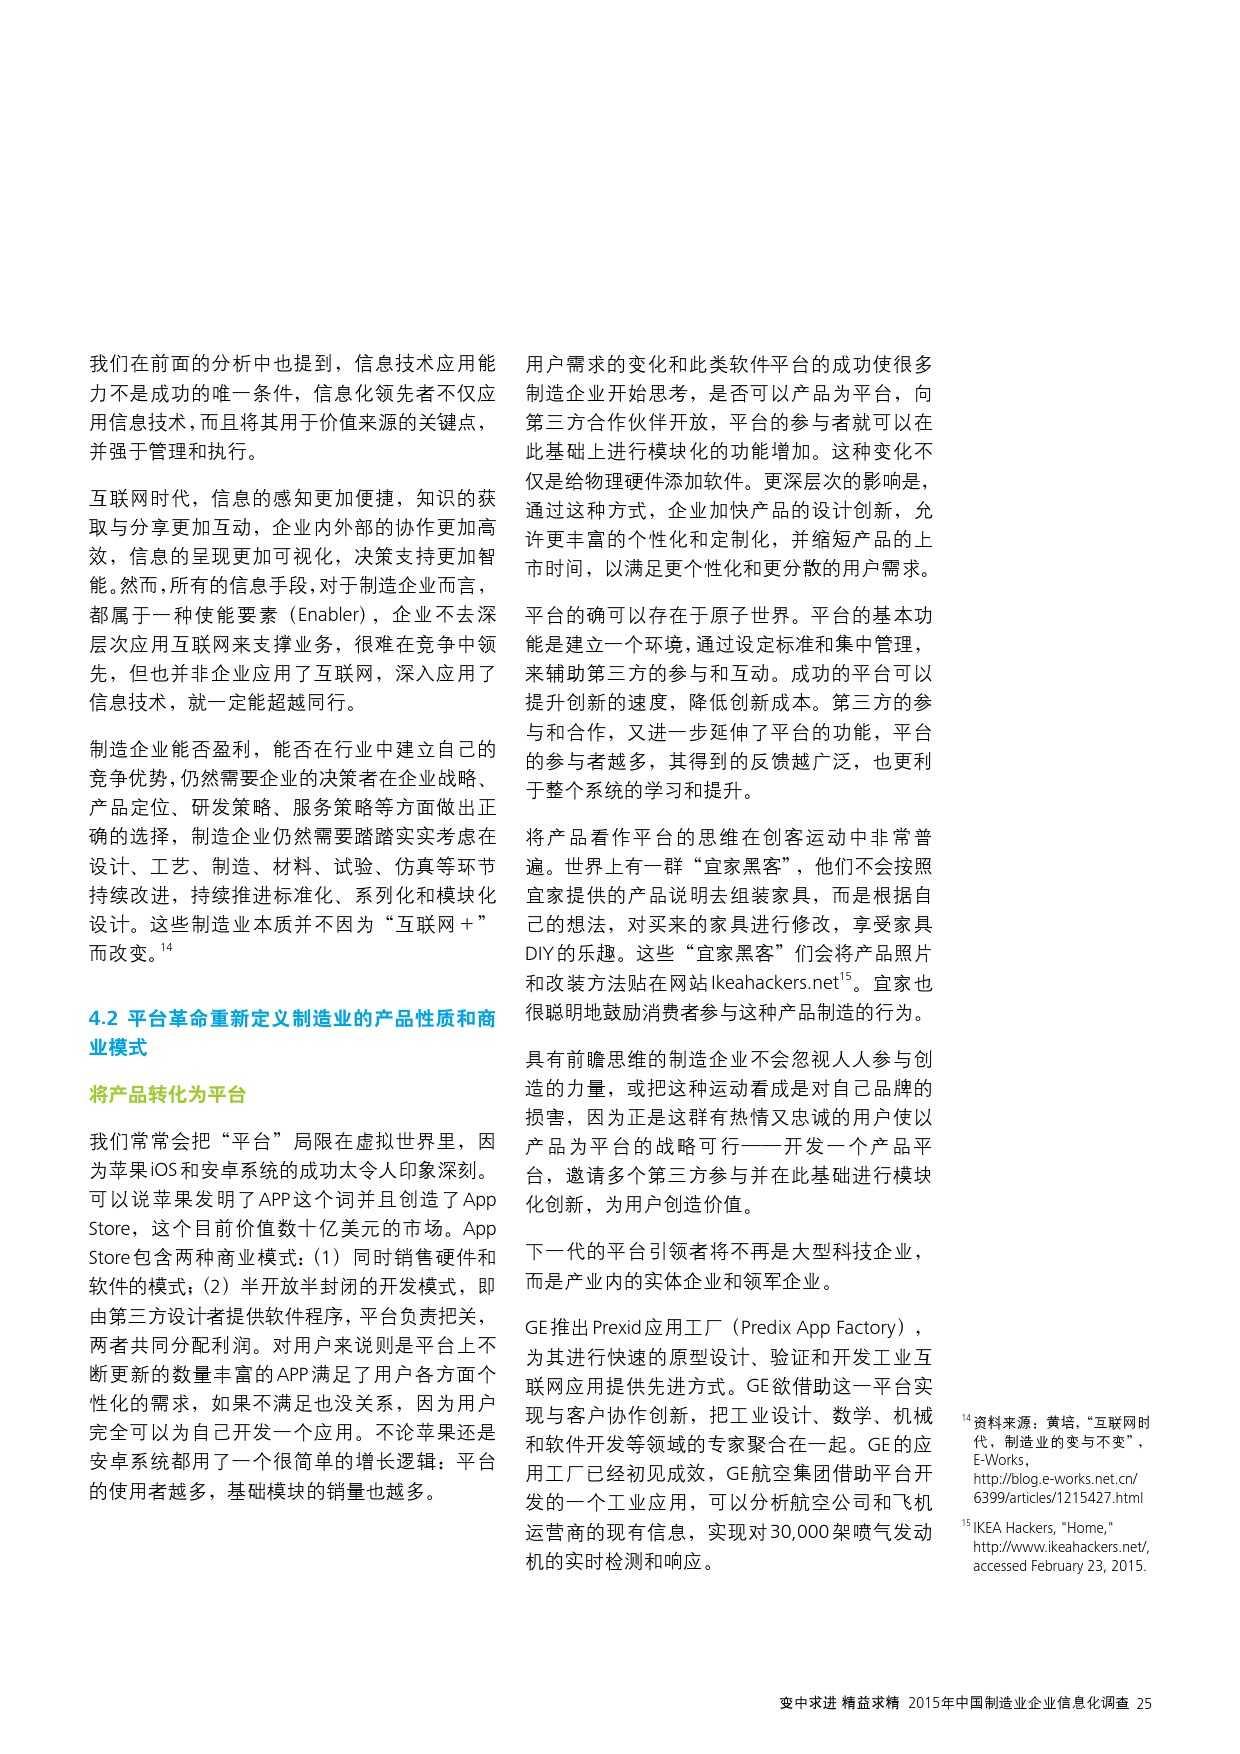 2015年中国制造业企业信息化调查_000027